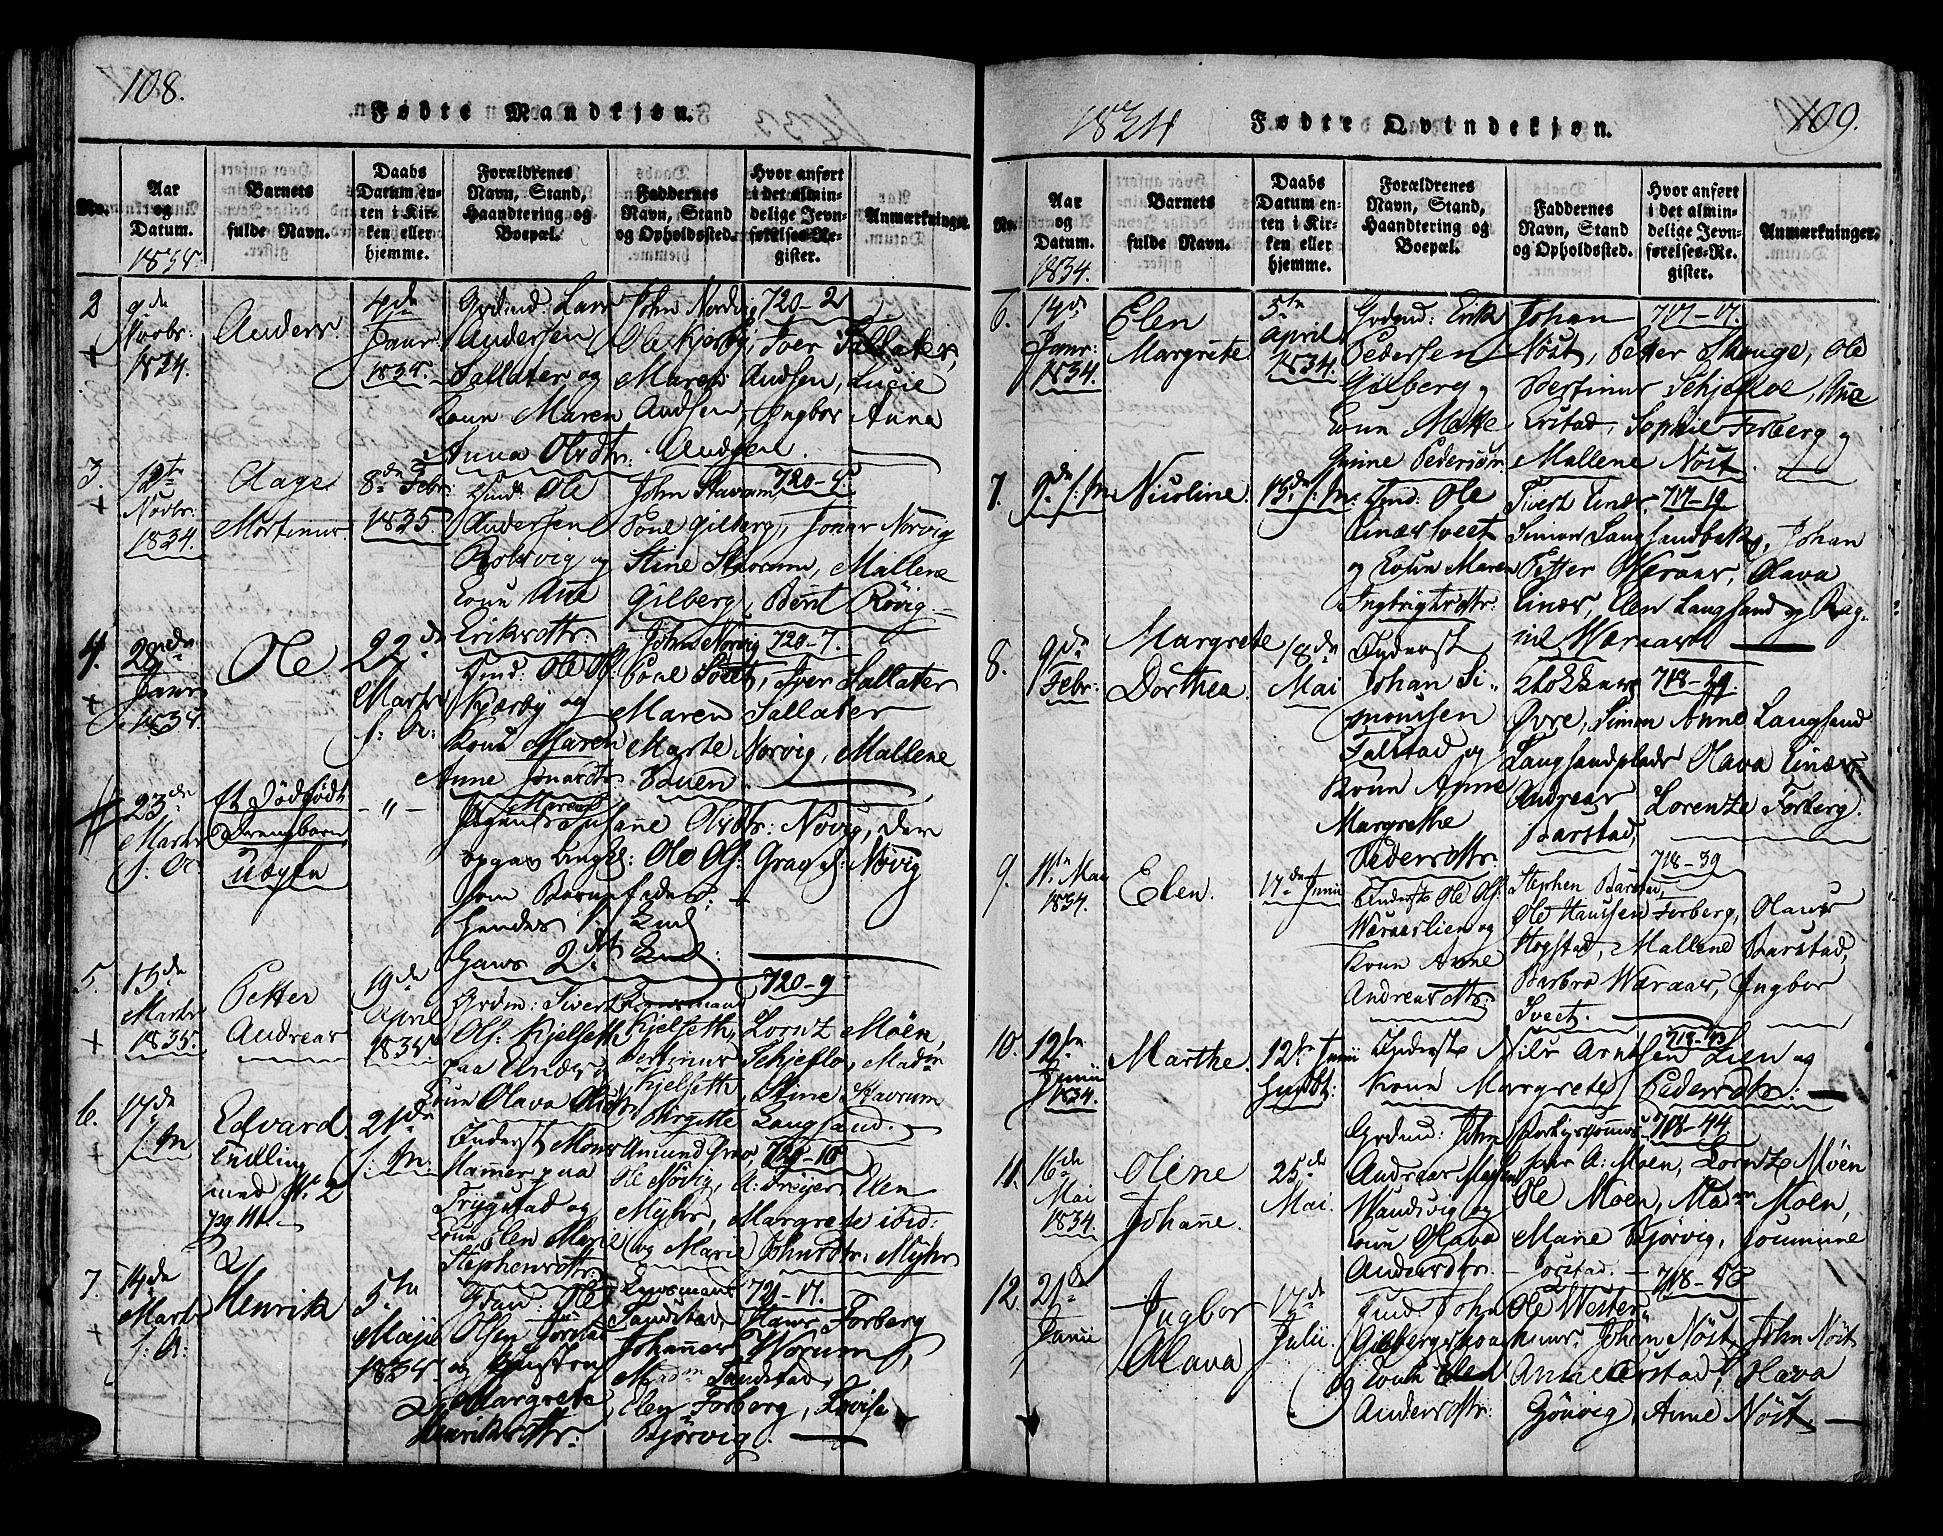 SAT, Ministerialprotokoller, klokkerbøker og fødselsregistre - Nord-Trøndelag, 722/L0217: Ministerialbok nr. 722A04, 1817-1842, s. 108-109